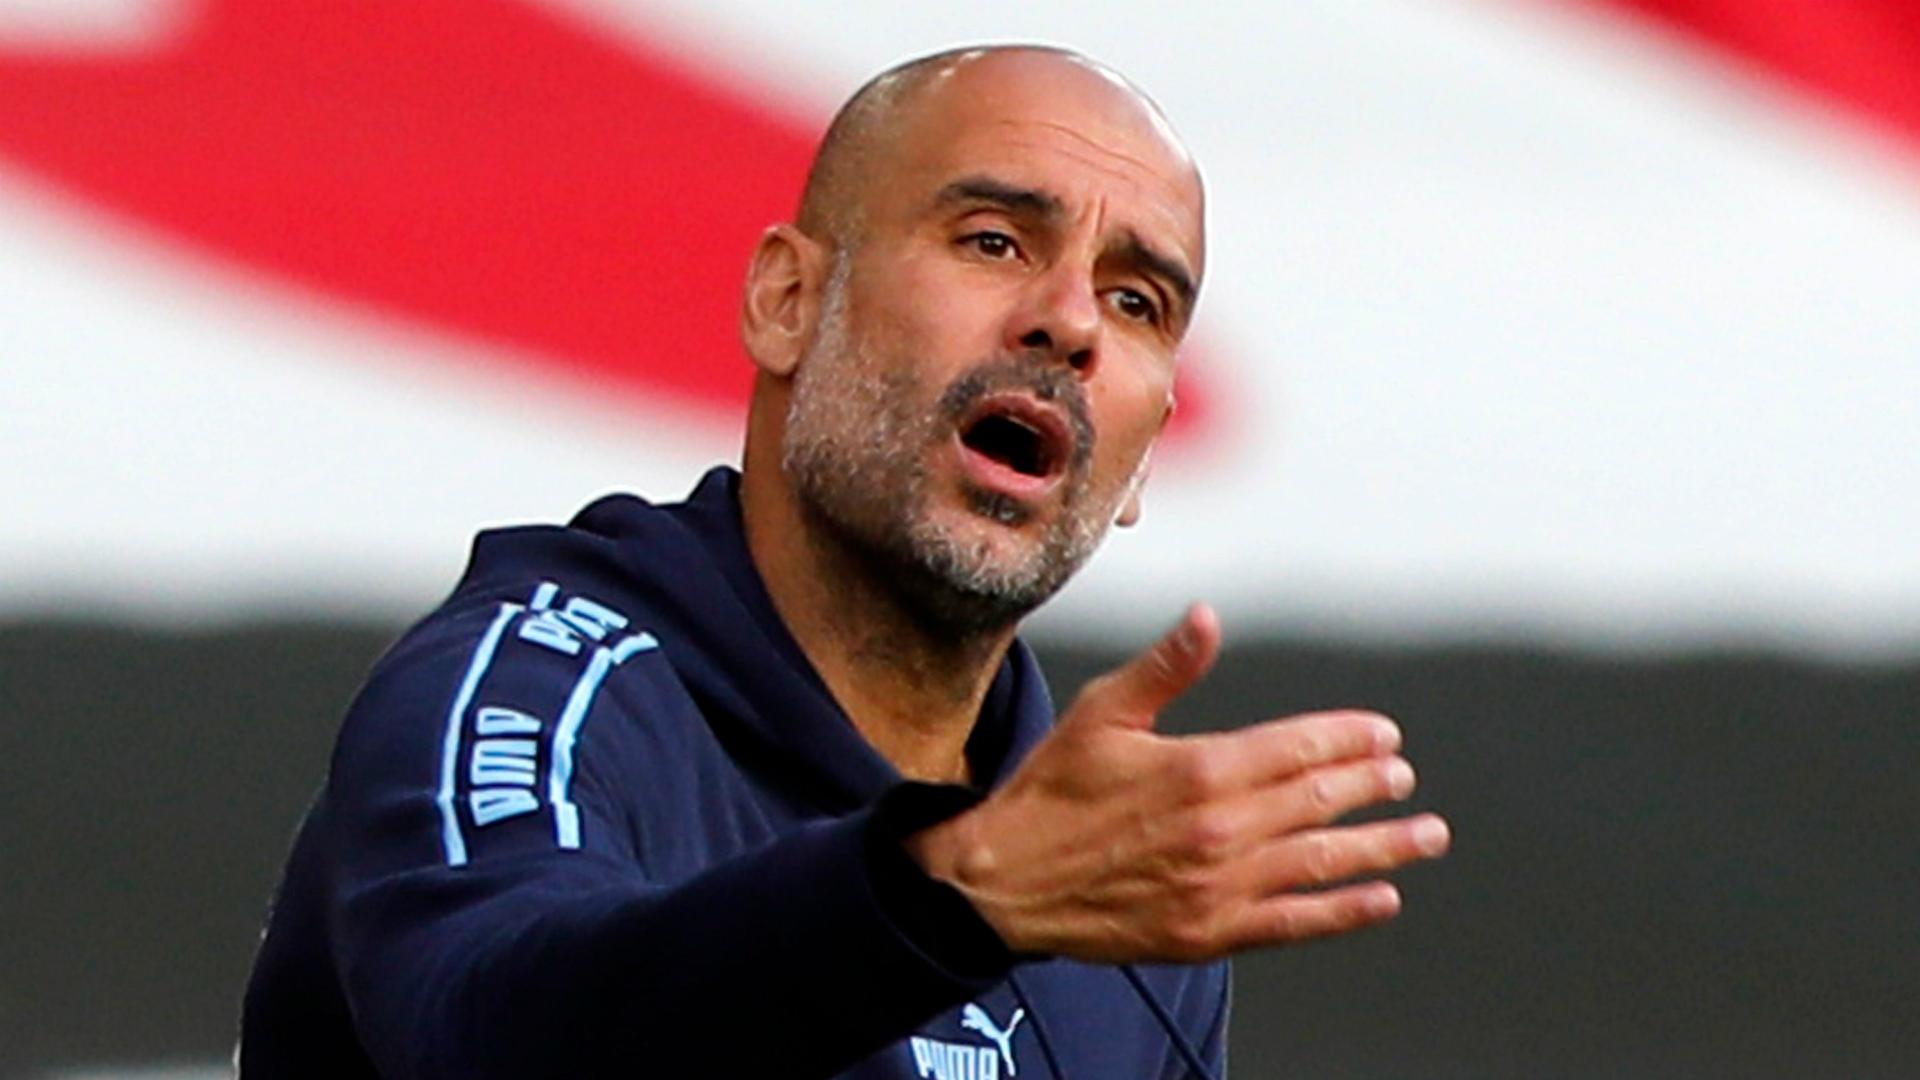 Guardiola 'confident' as Man City await CAS verdict on Champions League ban